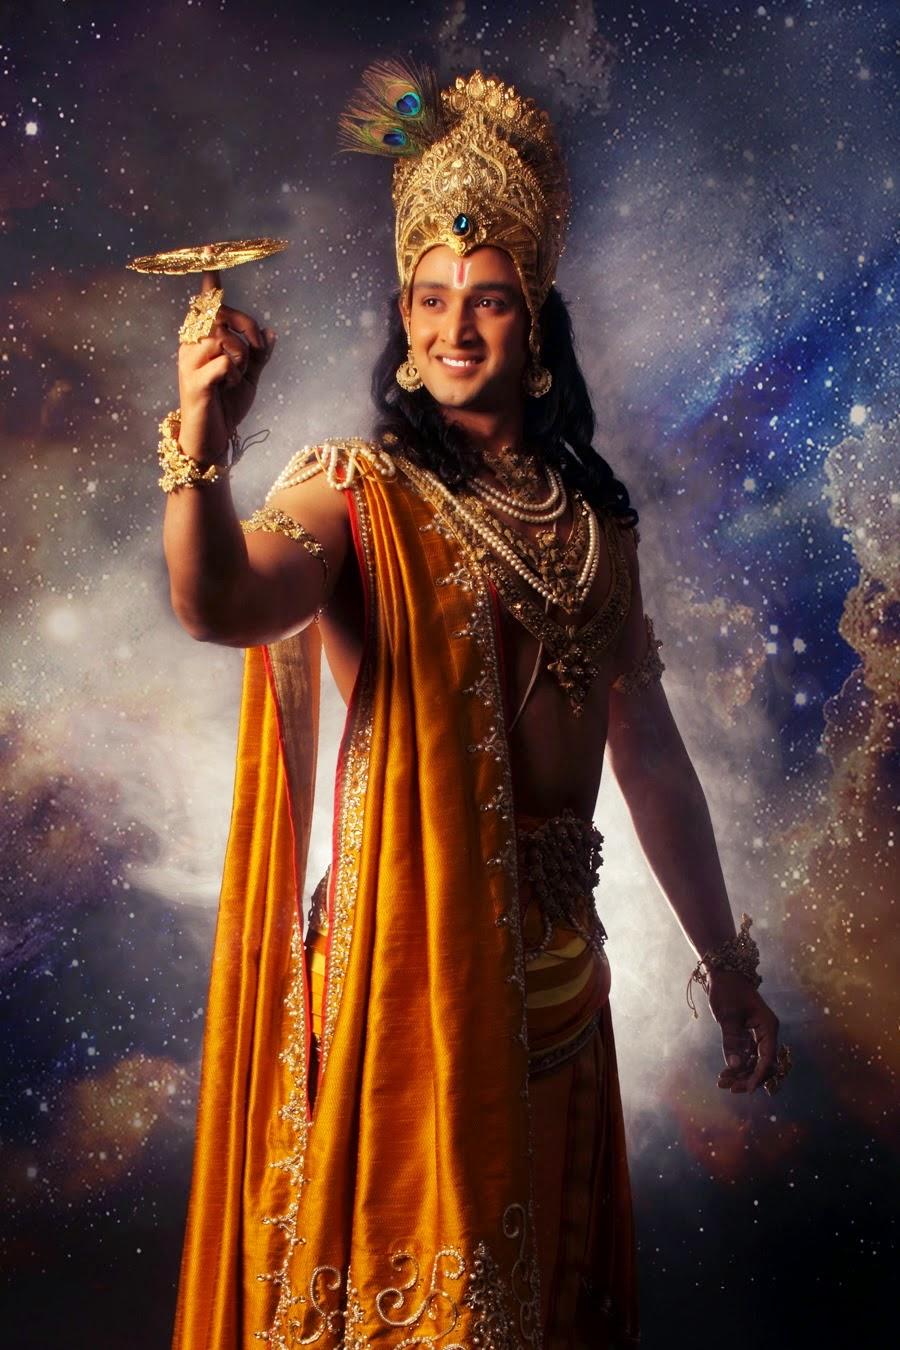 Bhagwan Shri Krshna with Sudarshana Chakra